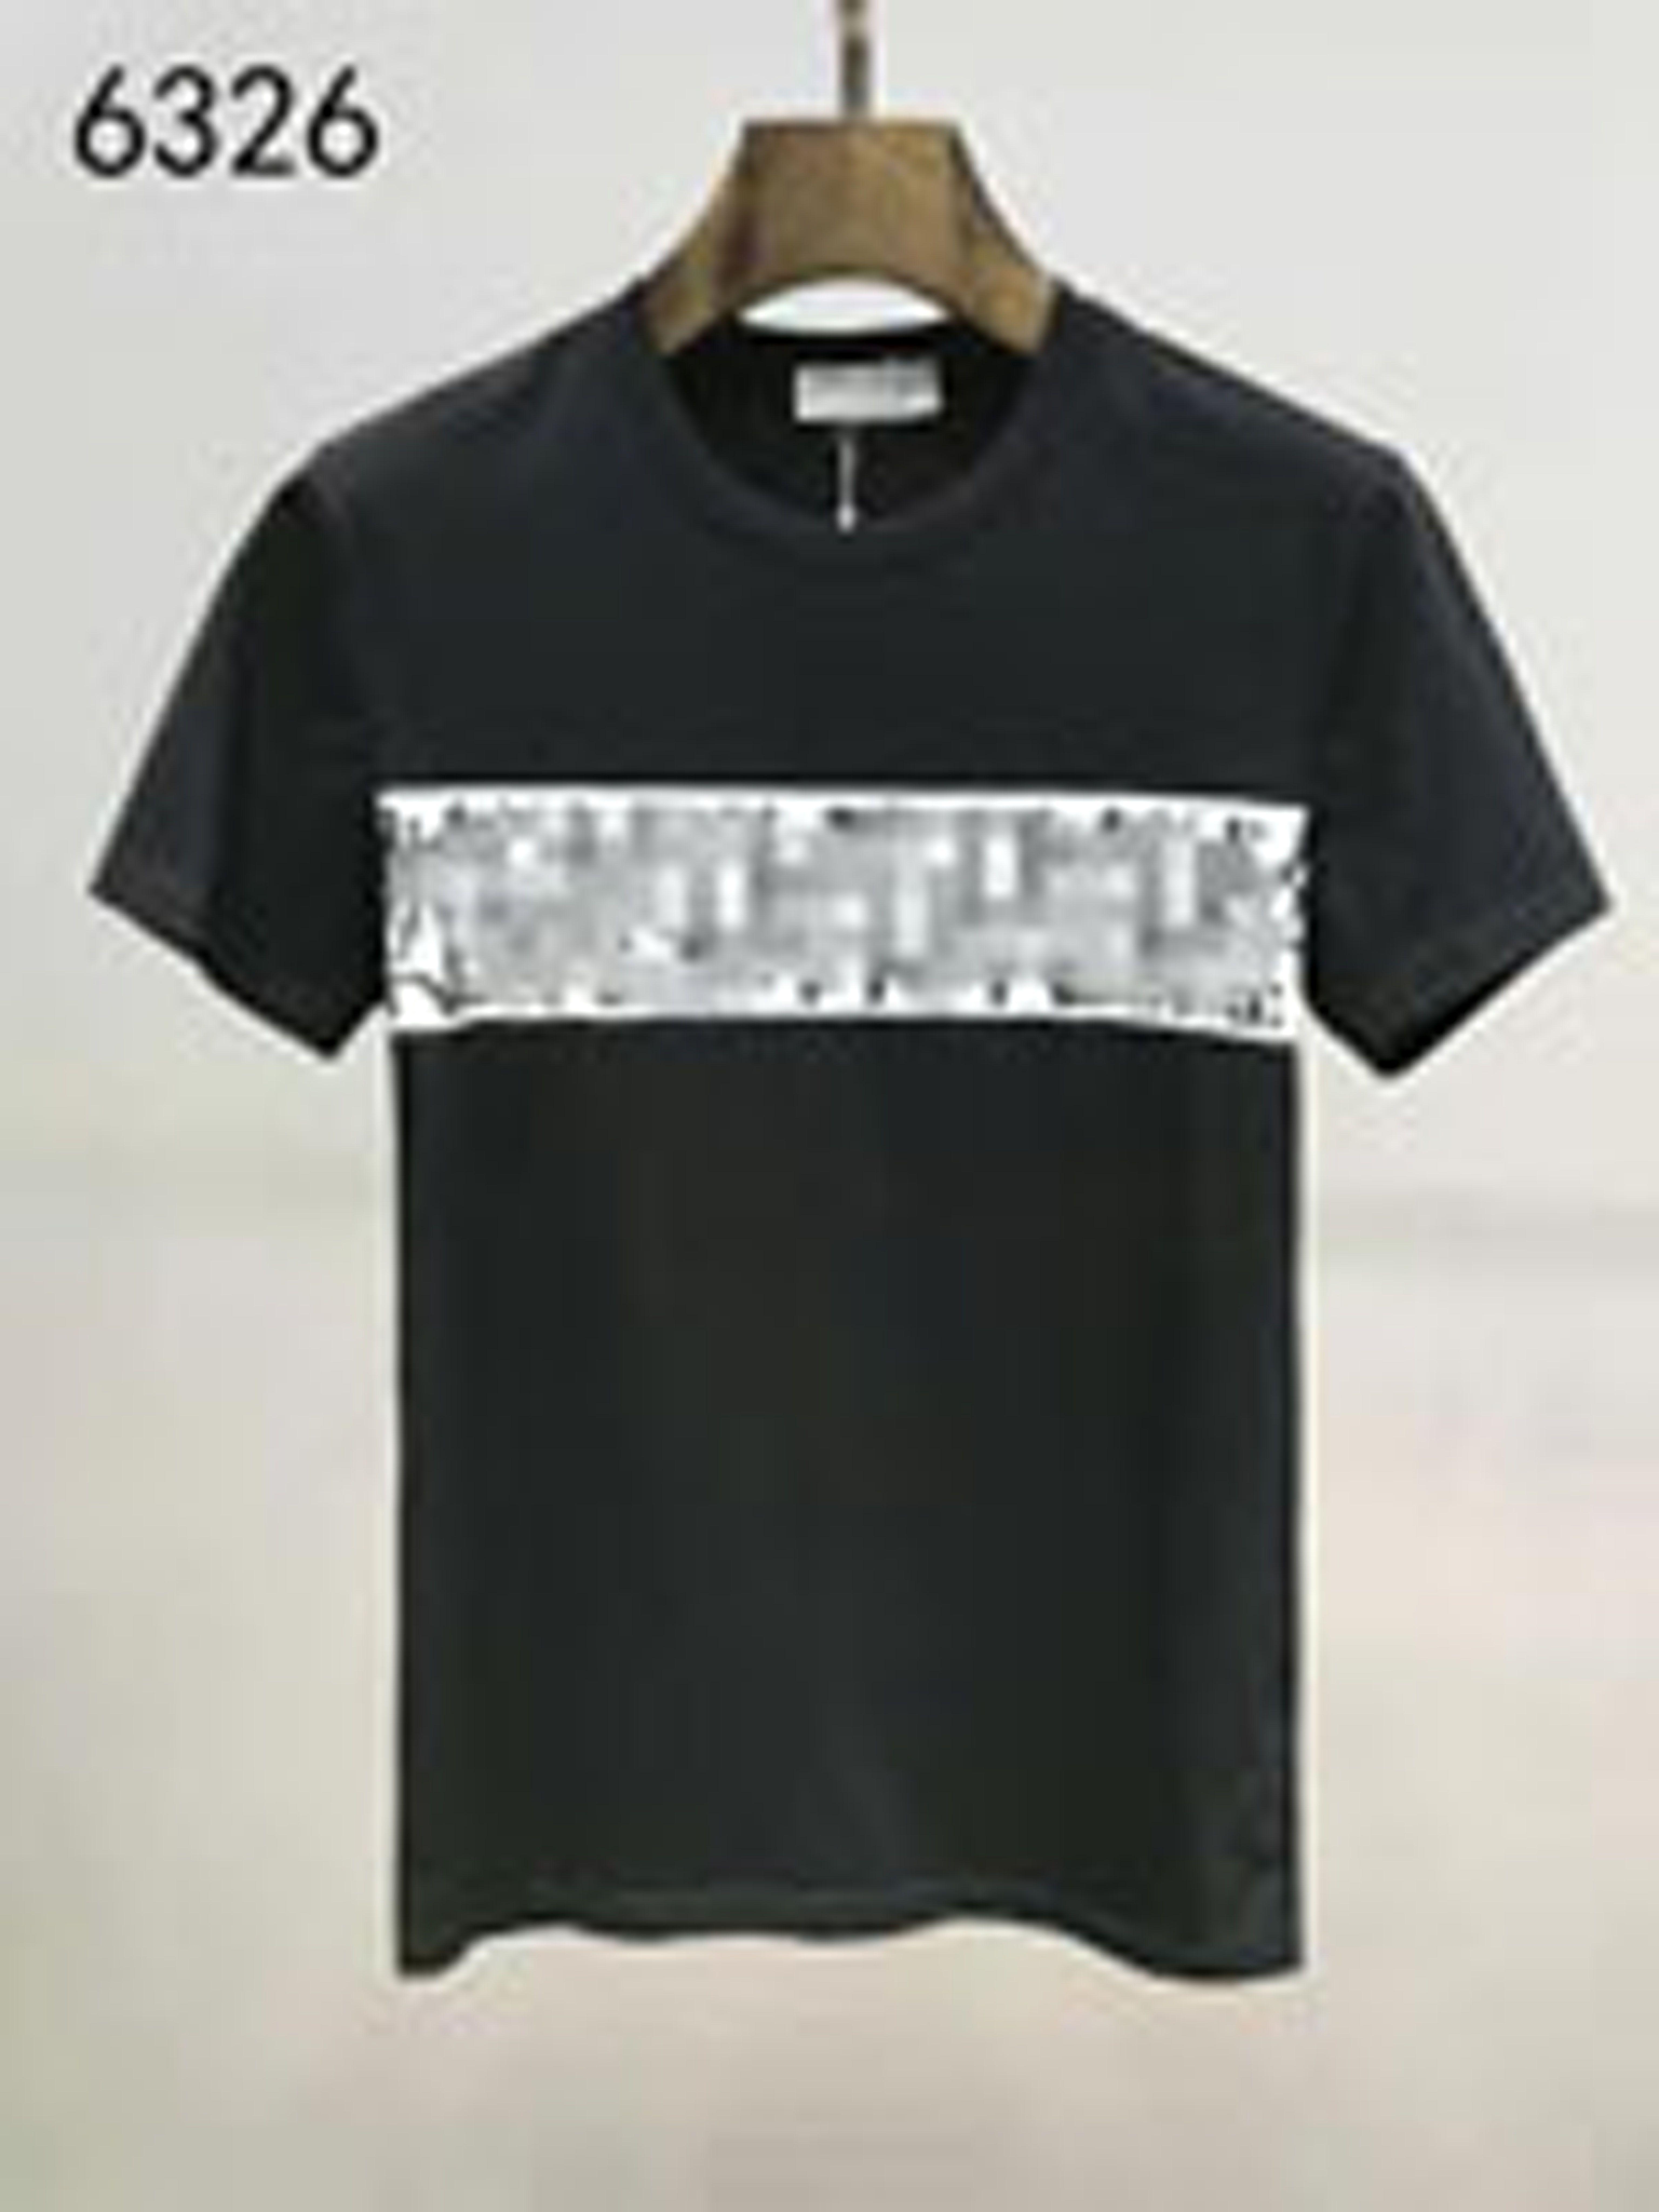 T-shirt da uomo di lusso YY T-shirt hip hop Stampa manica corta Estate Nuovo Round of Luxury Men's Cotton T-shirt All'ingrosso di alta qualità